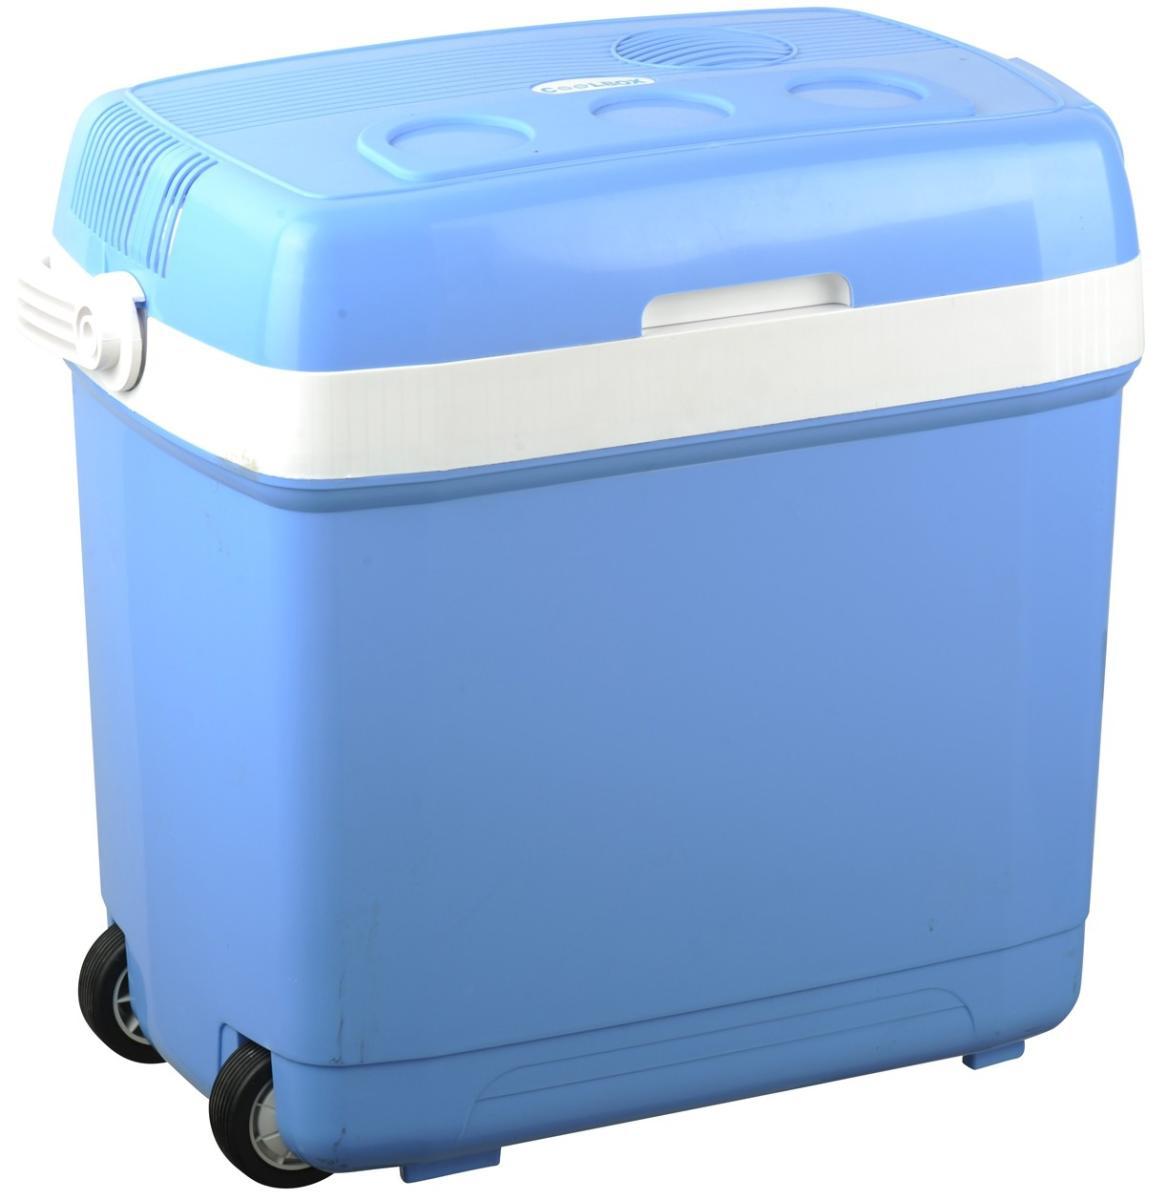 Термоэлектрический автохолодильник AVS CC-30B (30л, 12/220В) (+ Три аккумулятора холода в подарок!) термоэлектрический автохолодильник waeco tropicool tc 07 7л 12 220в охлаждение нагрев